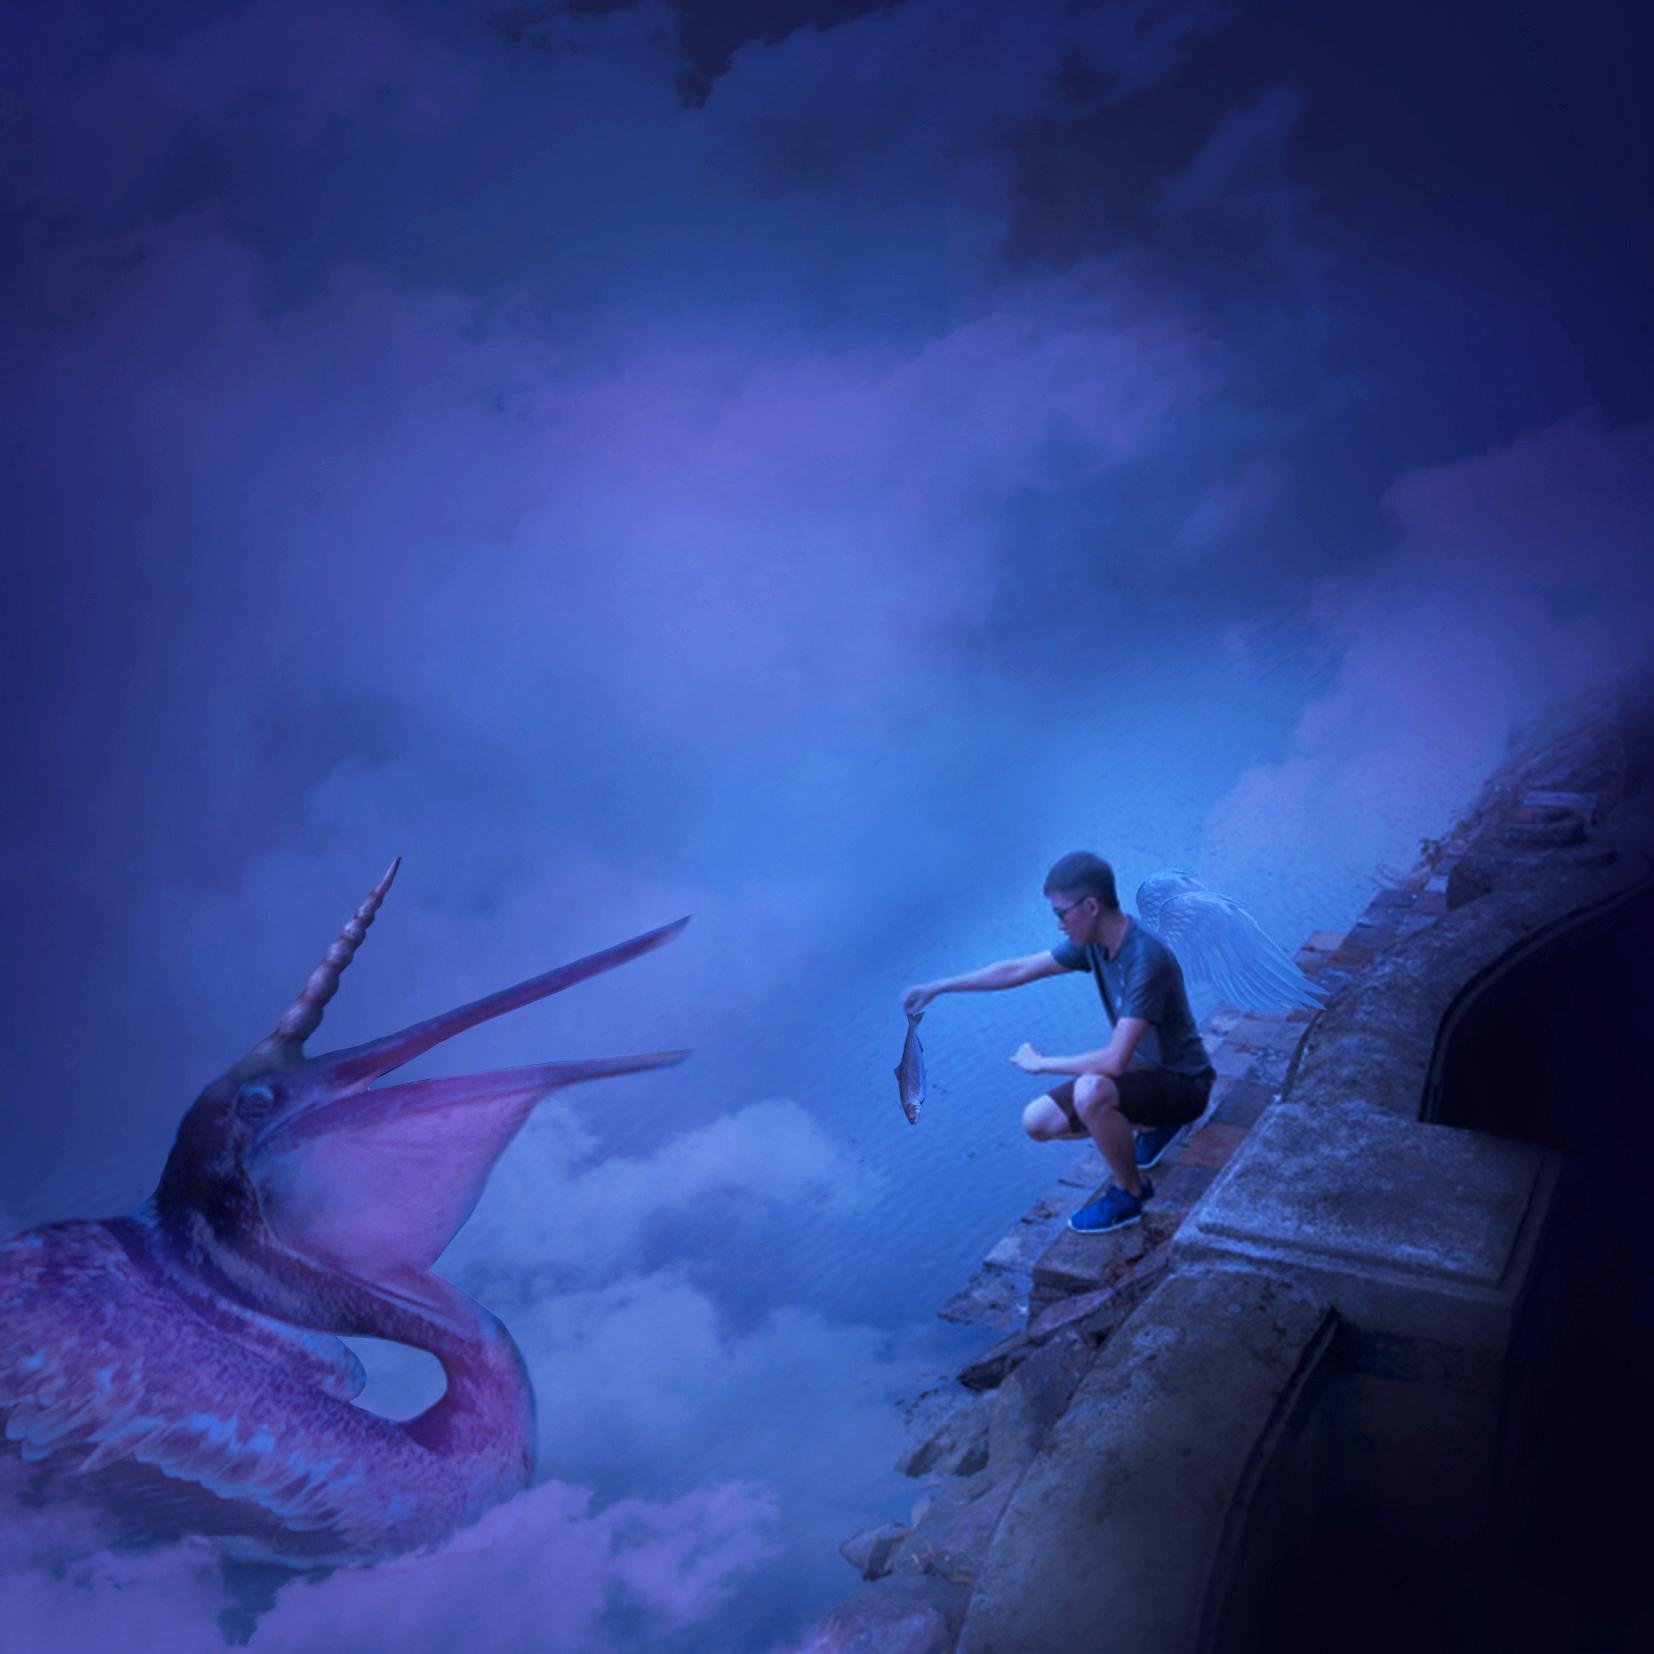 Heaven's Keeper Digital Art by Alvin Sim